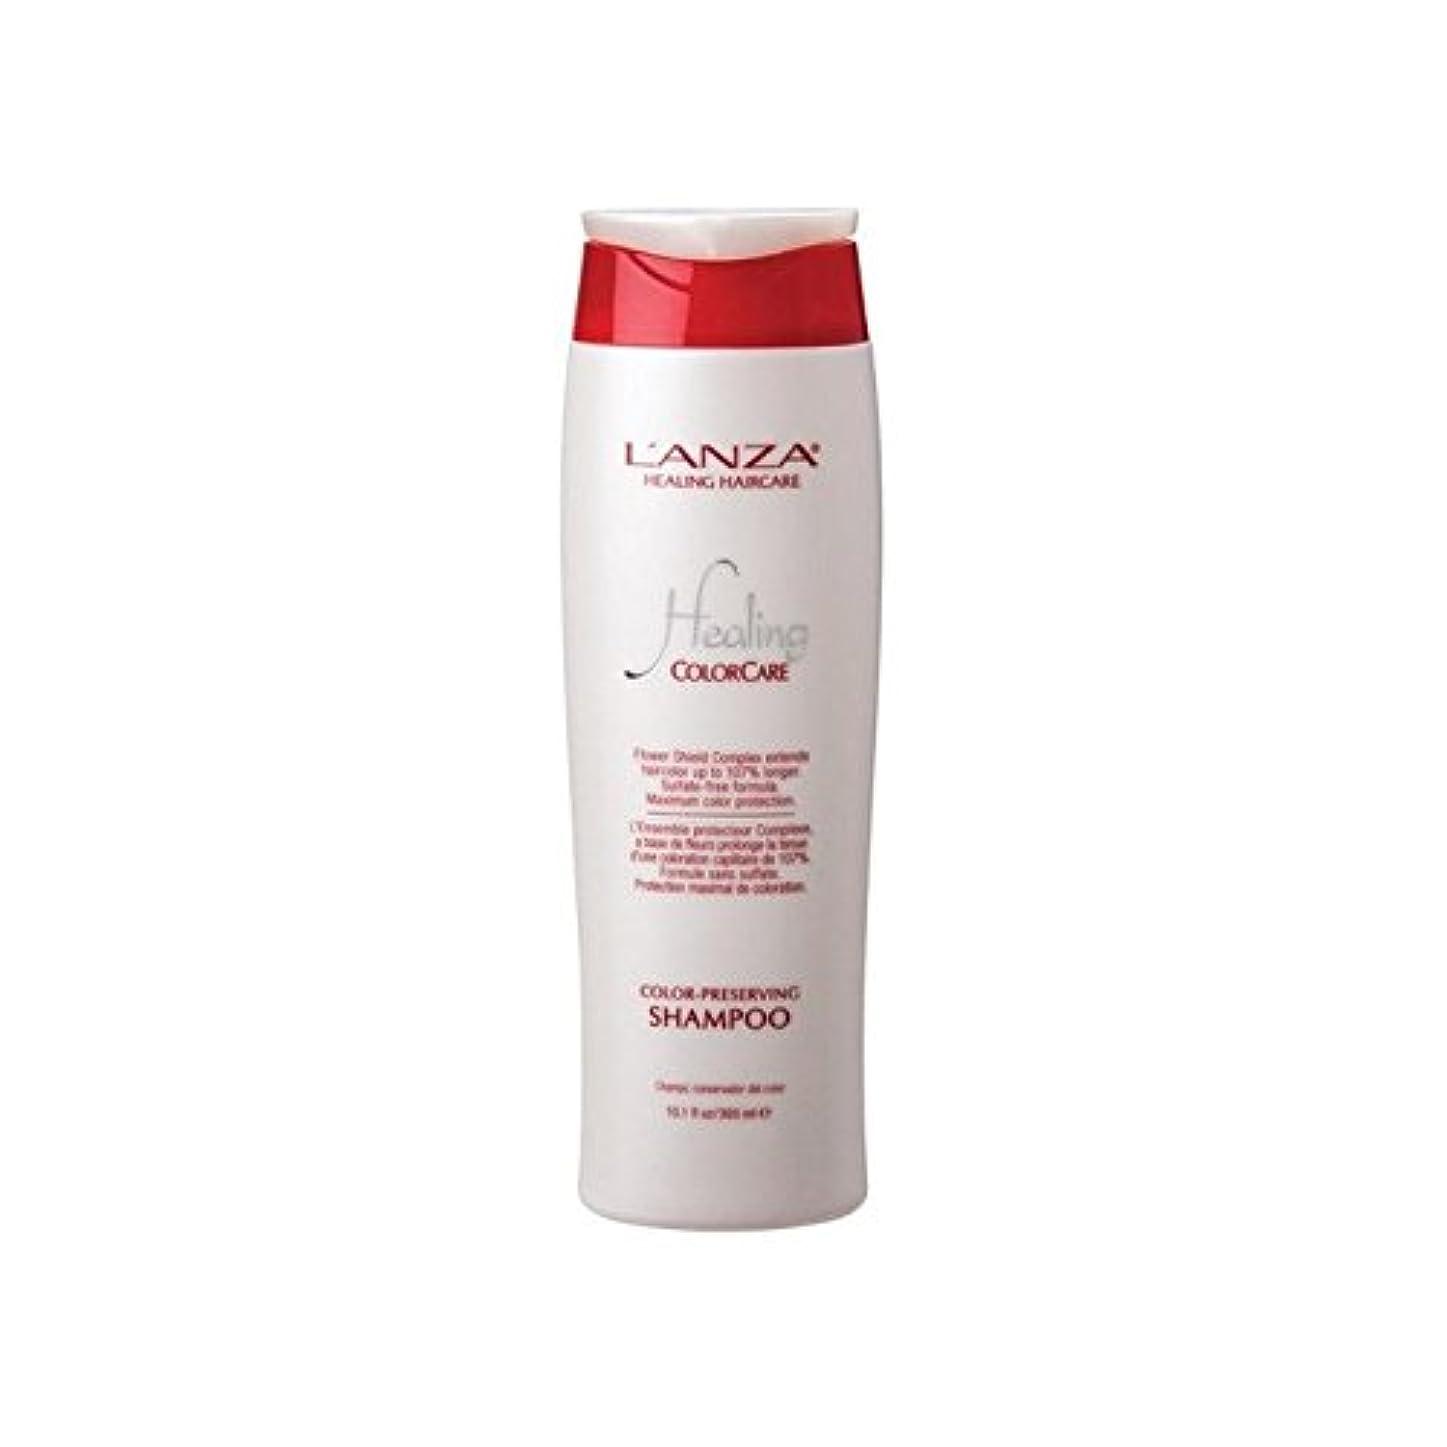 ベーシック欠如明るいアンザ癒しカラーシャンプーを保存(300ミリリットル) x2 - L'Anza Healing Colorcare Colour Preserving Shampoo (300ml) (Pack of 2) [並行輸入品]